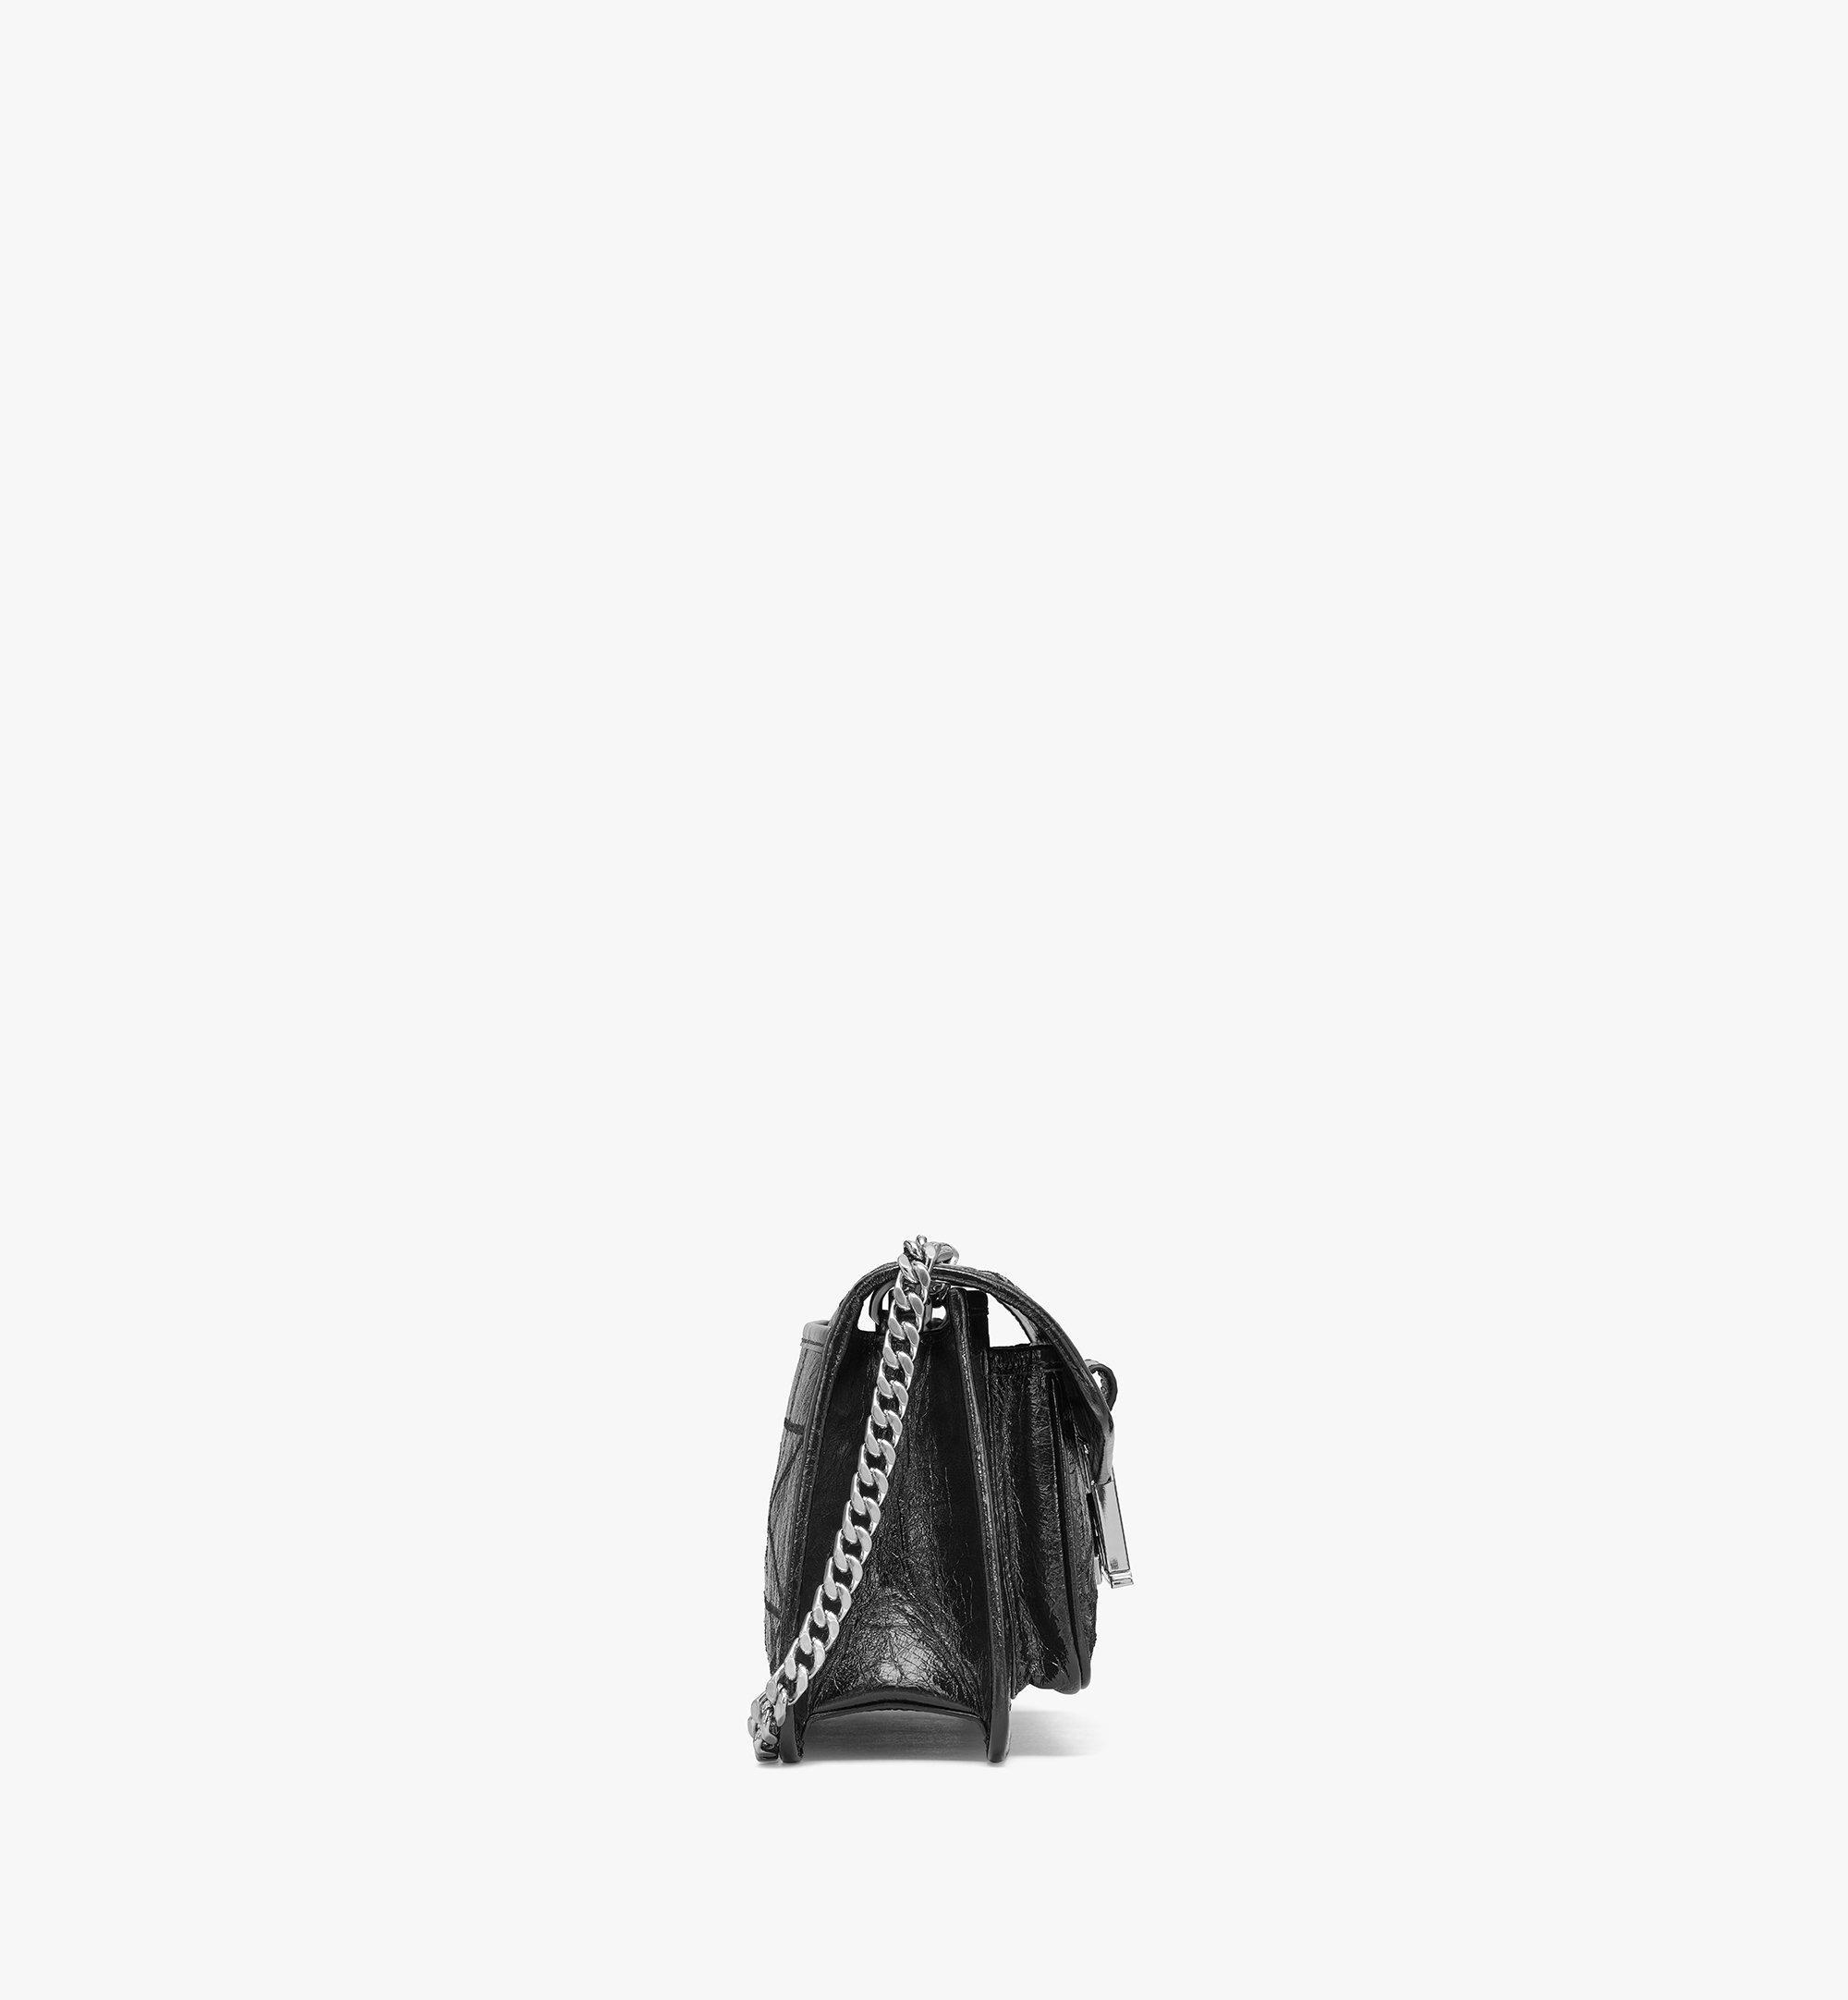 MCM Mena Gesteppte Schultertasche in Leder mit Cracked-Effekt Black MWSBSLM06BK001 Noch mehr sehen 1